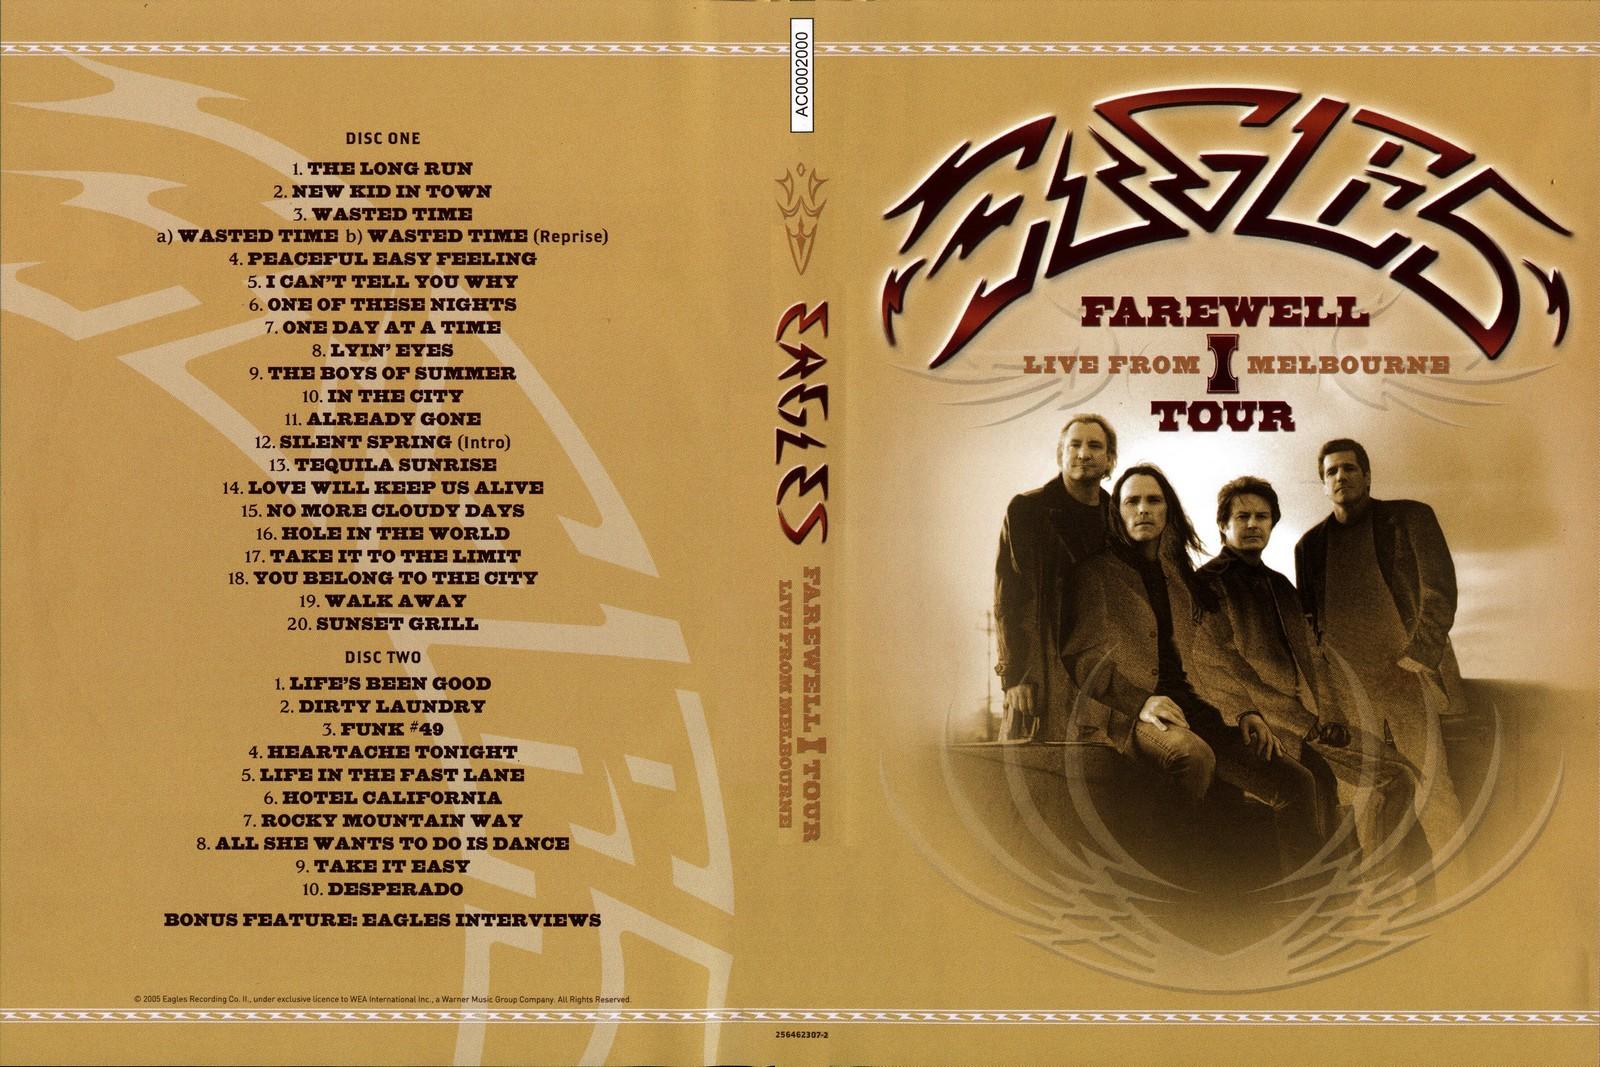 http://4.bp.blogspot.com/_brcl7Spzbn4/TJDEOyhCKBI/AAAAAAAAAhc/3hlTvAE-PDs/s1600/Eagles-Farewell-I-Tour-Live-From-Melbourne.jpg